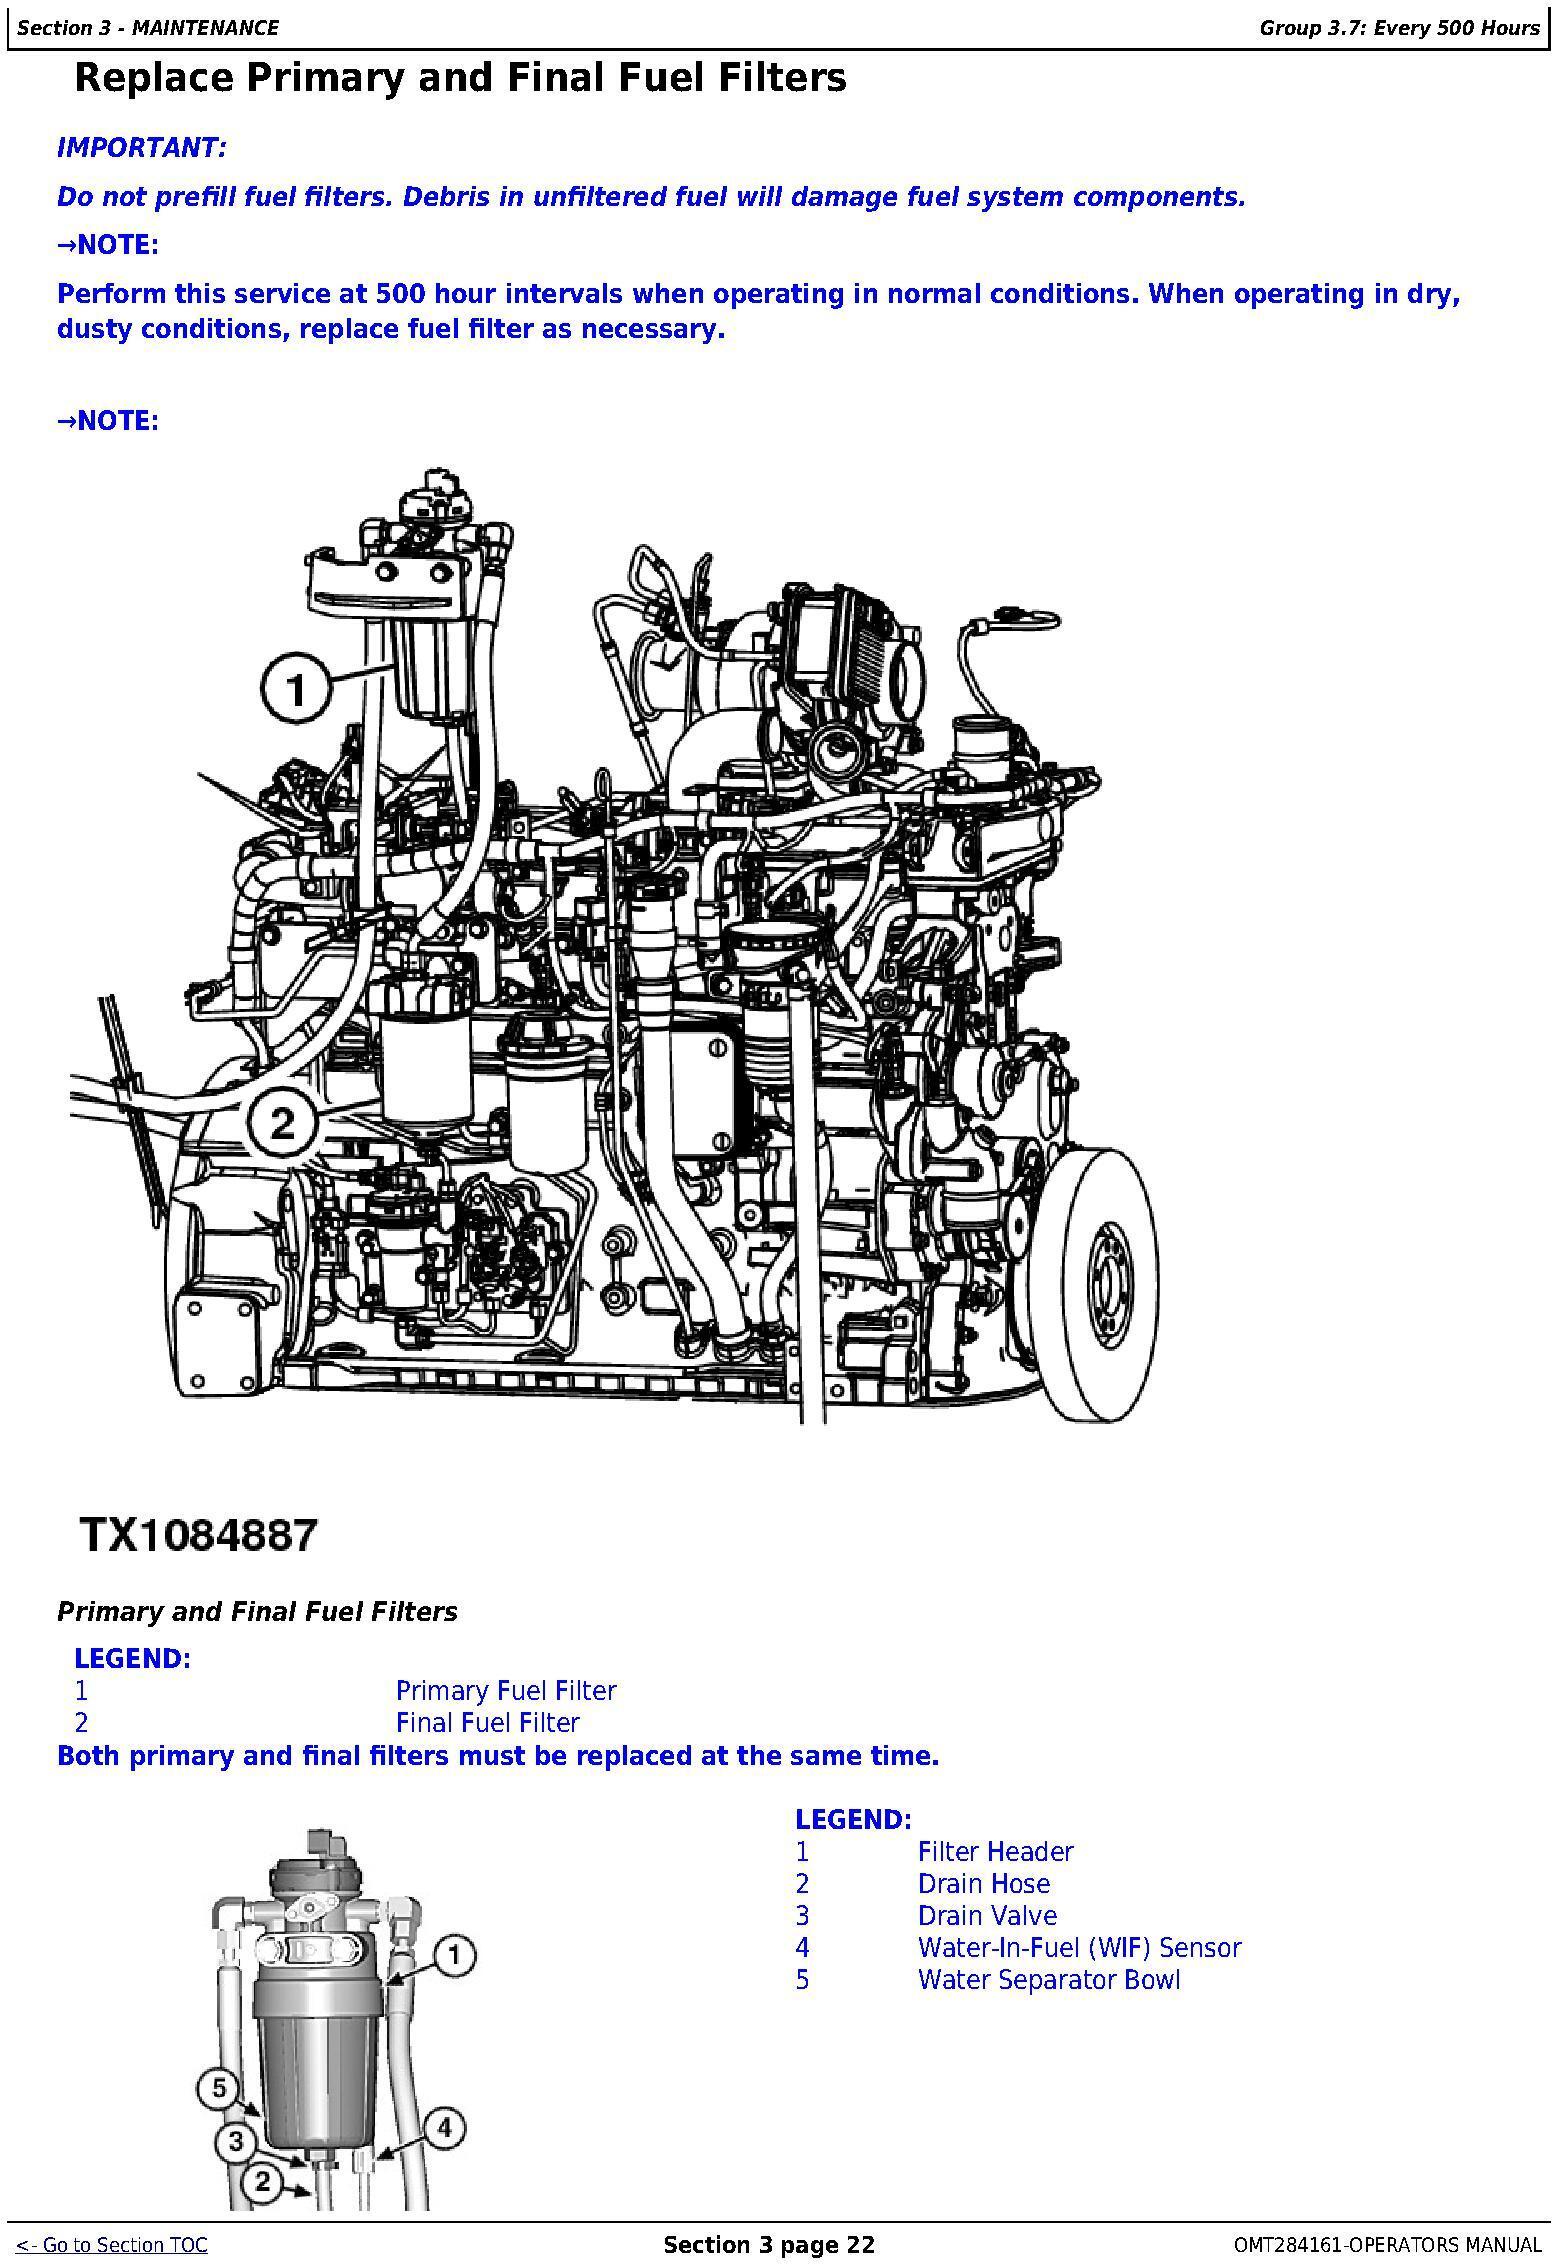 OMT284161 - John Deere 850K Crawler Dozer (PIN: 1T0850KX_ _E178122-271265 ) Operators Manual - 3